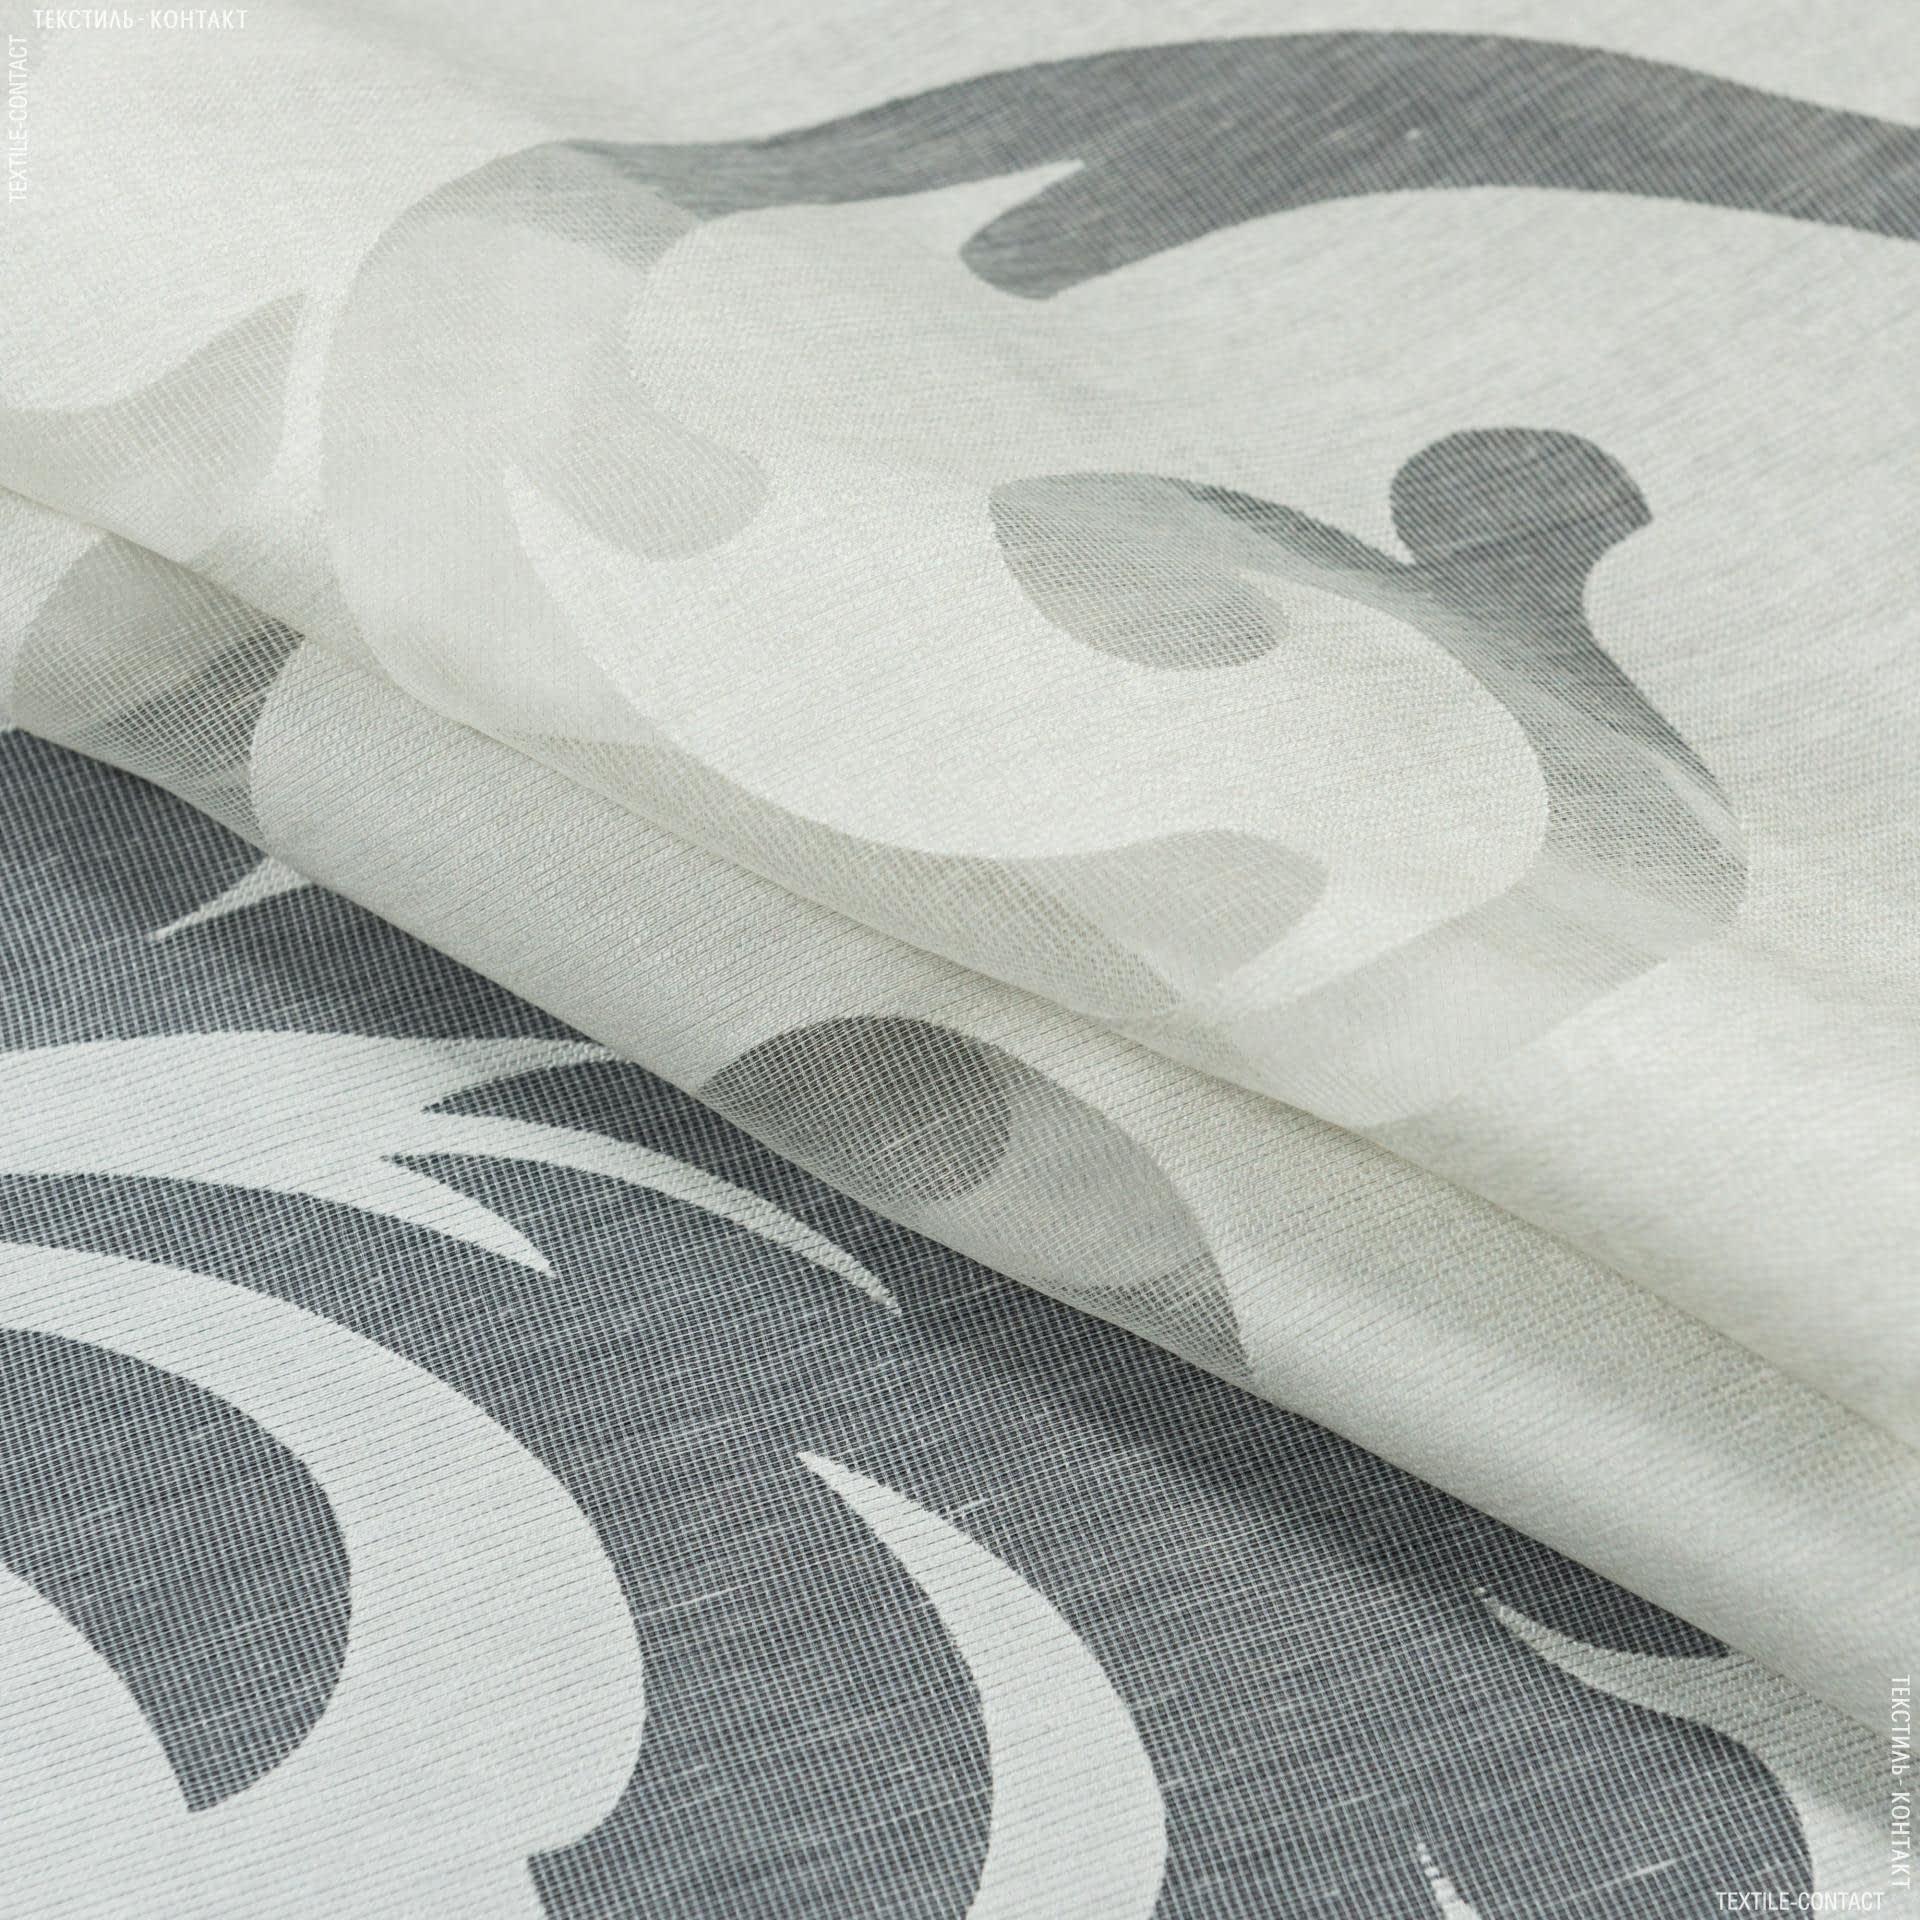 Ткани гардинные ткани - ОРГАНЗА ВЫЖИГ (КОЛЛ-LEV) ДЕГРАДЕ ВЯЗЬ/AUREA №1/СВ.ОЛИВКА 310 СМ(утяж.)